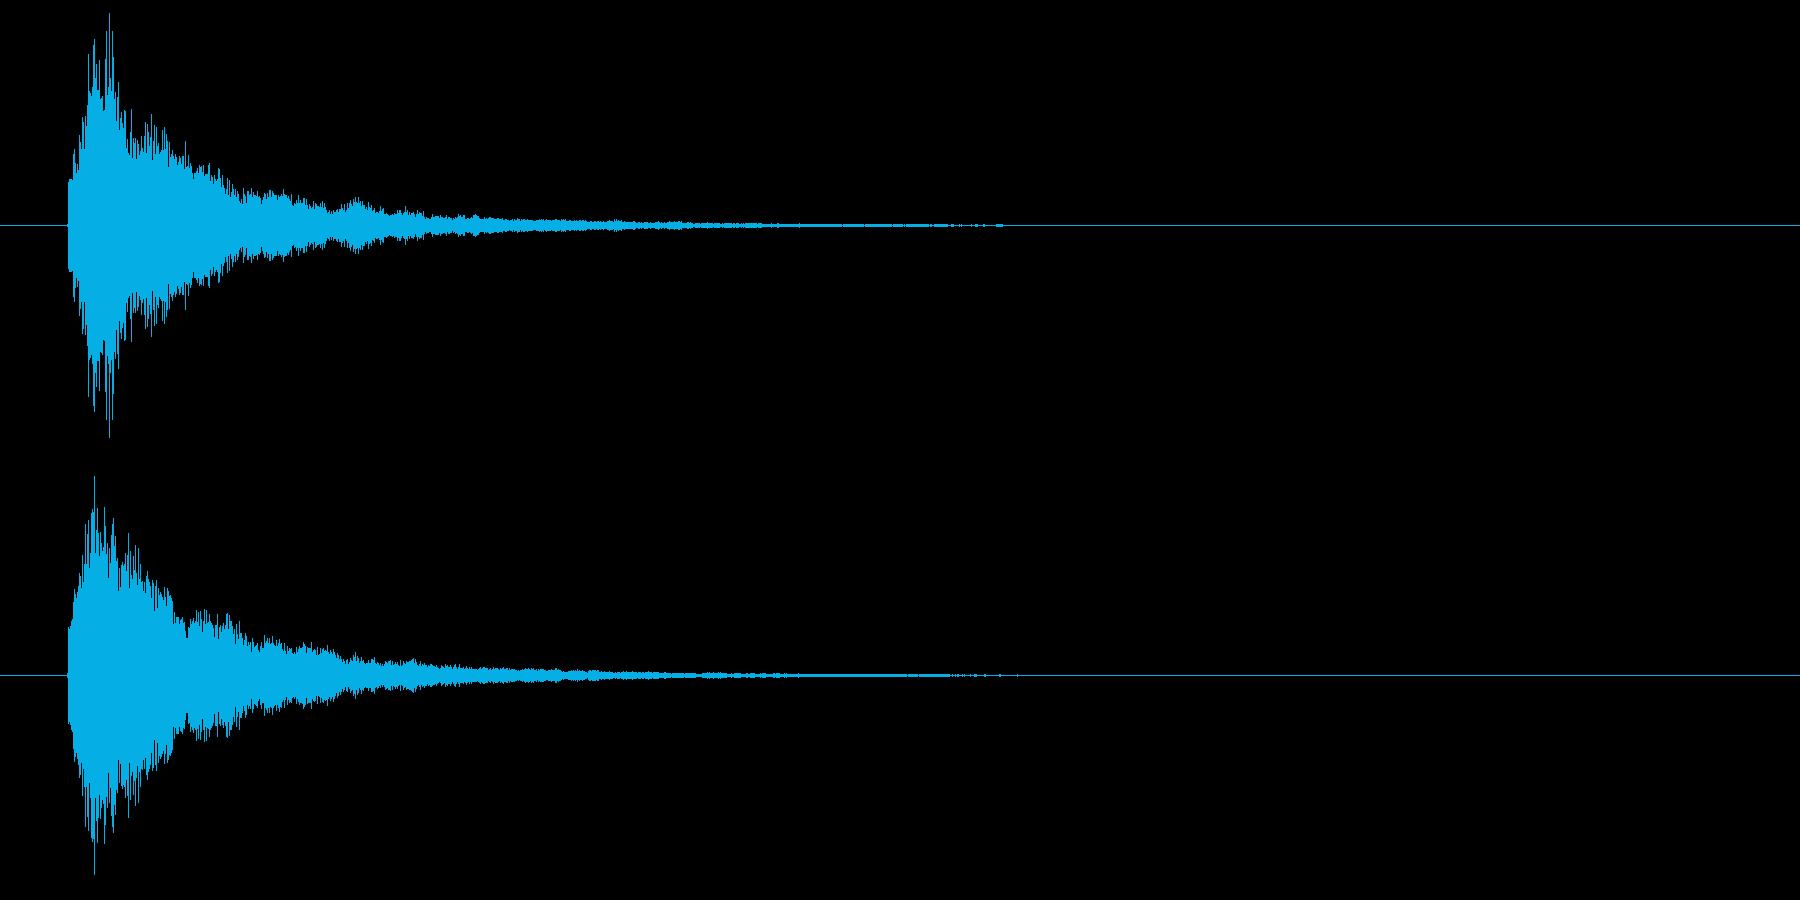 回復魔法の効果音1の再生済みの波形